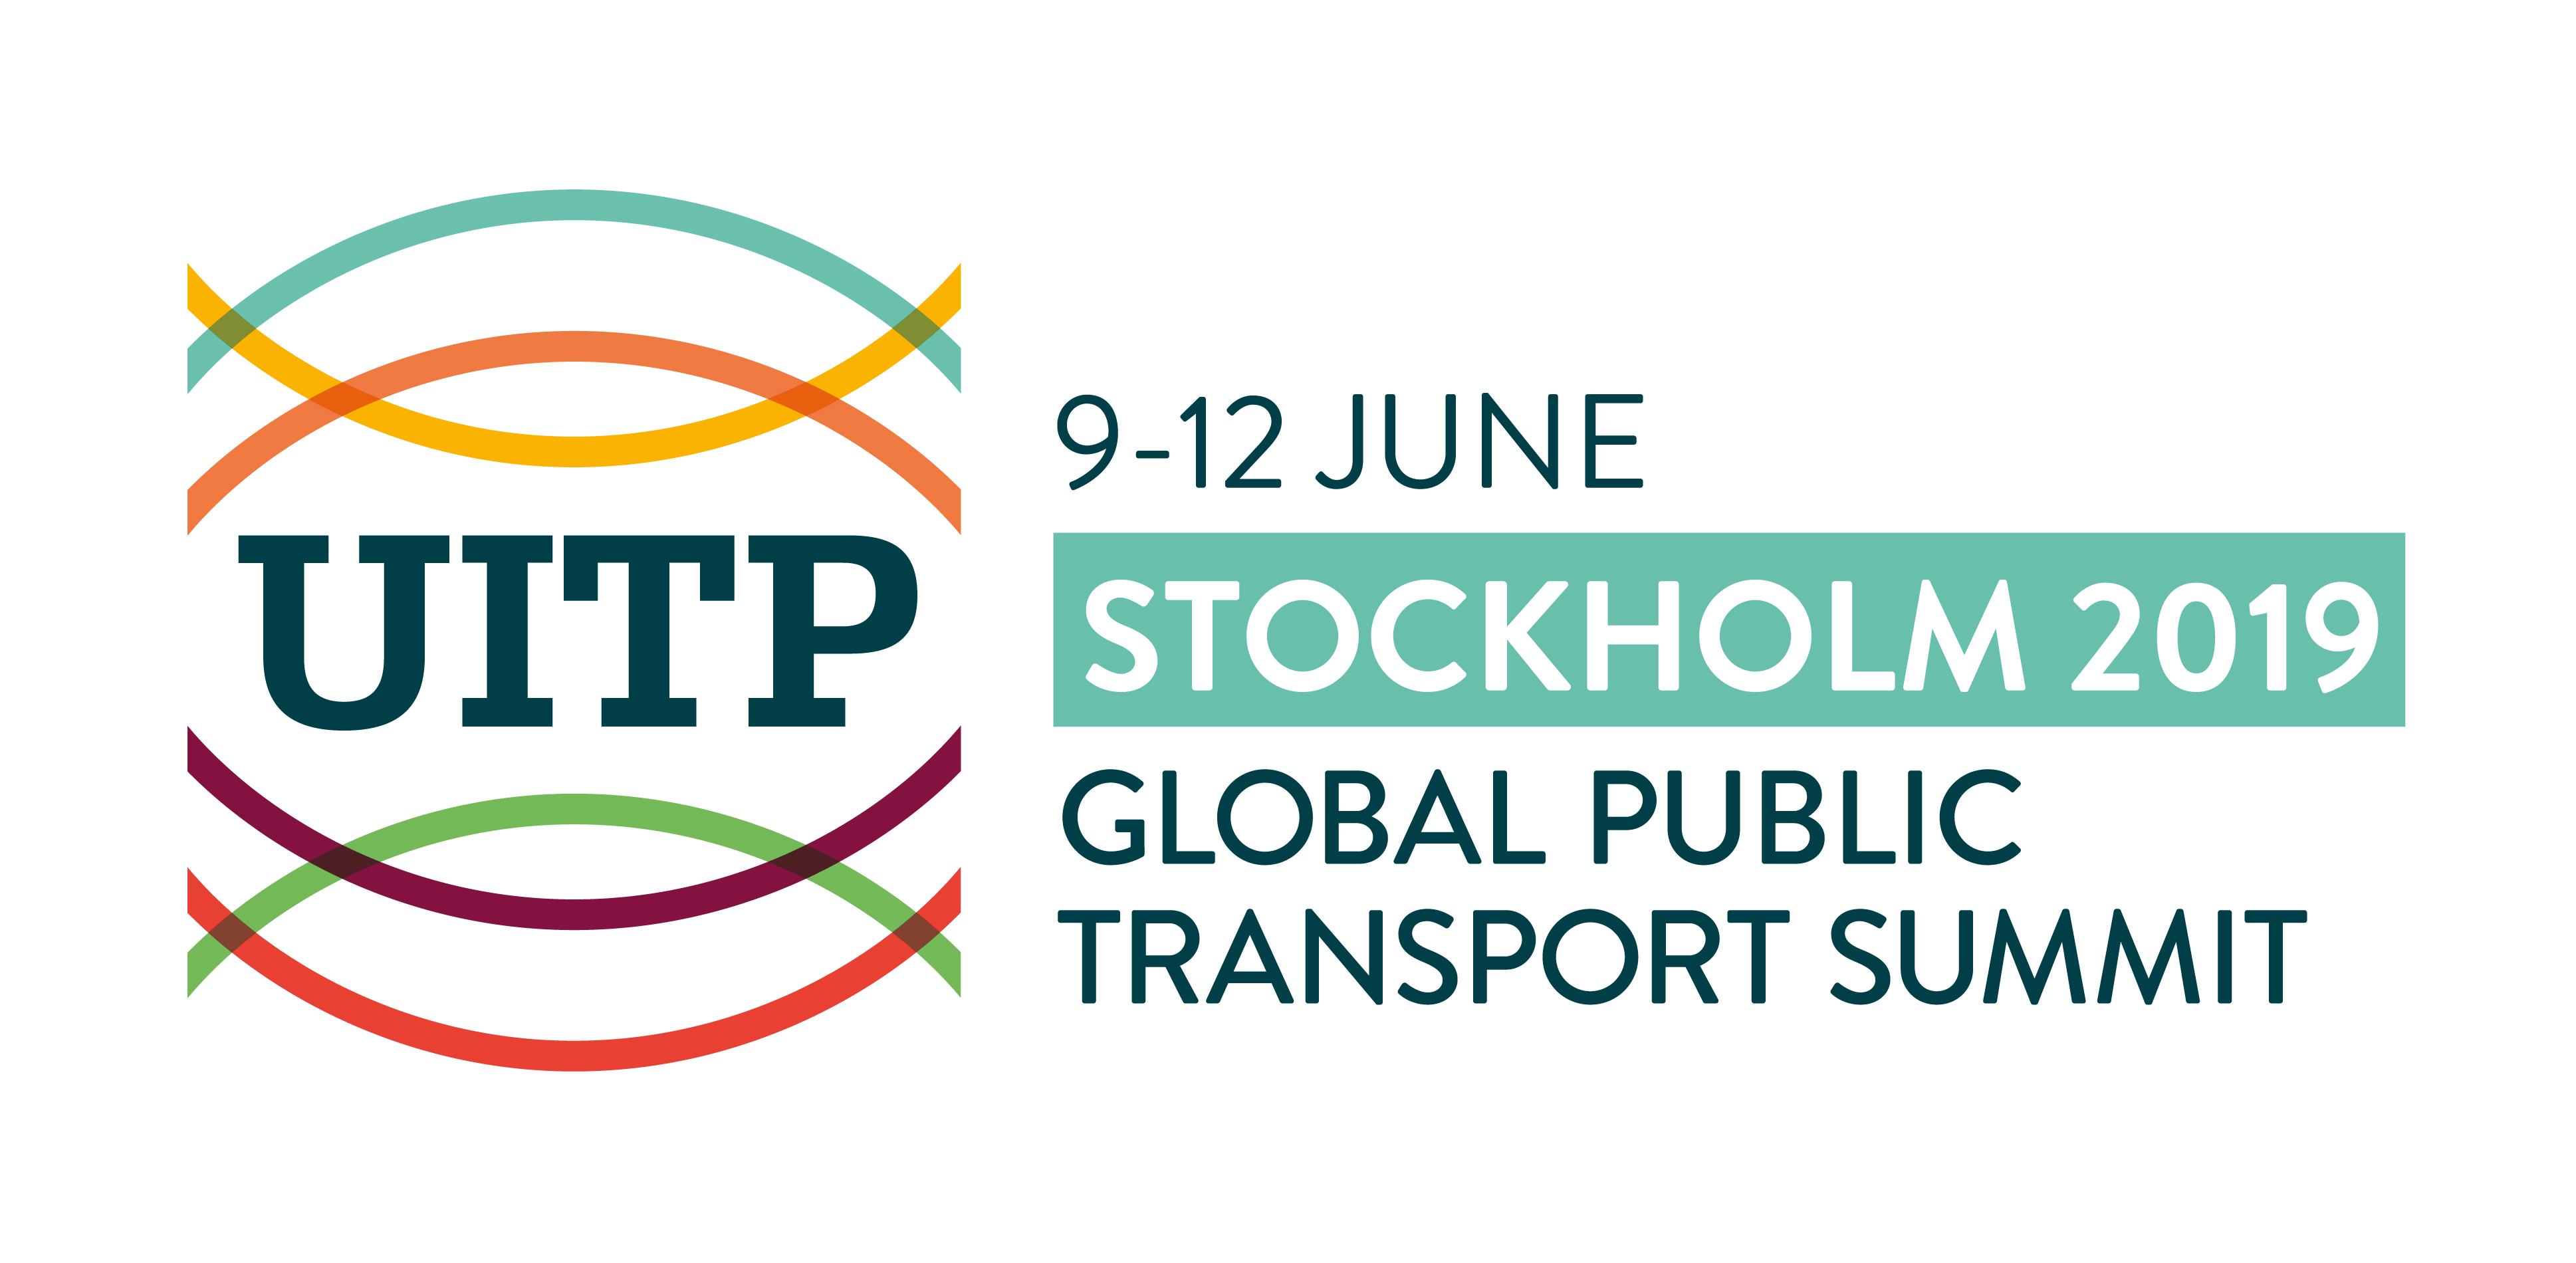 Global Public Transport Summit - Stockholm 9-12 June 2019